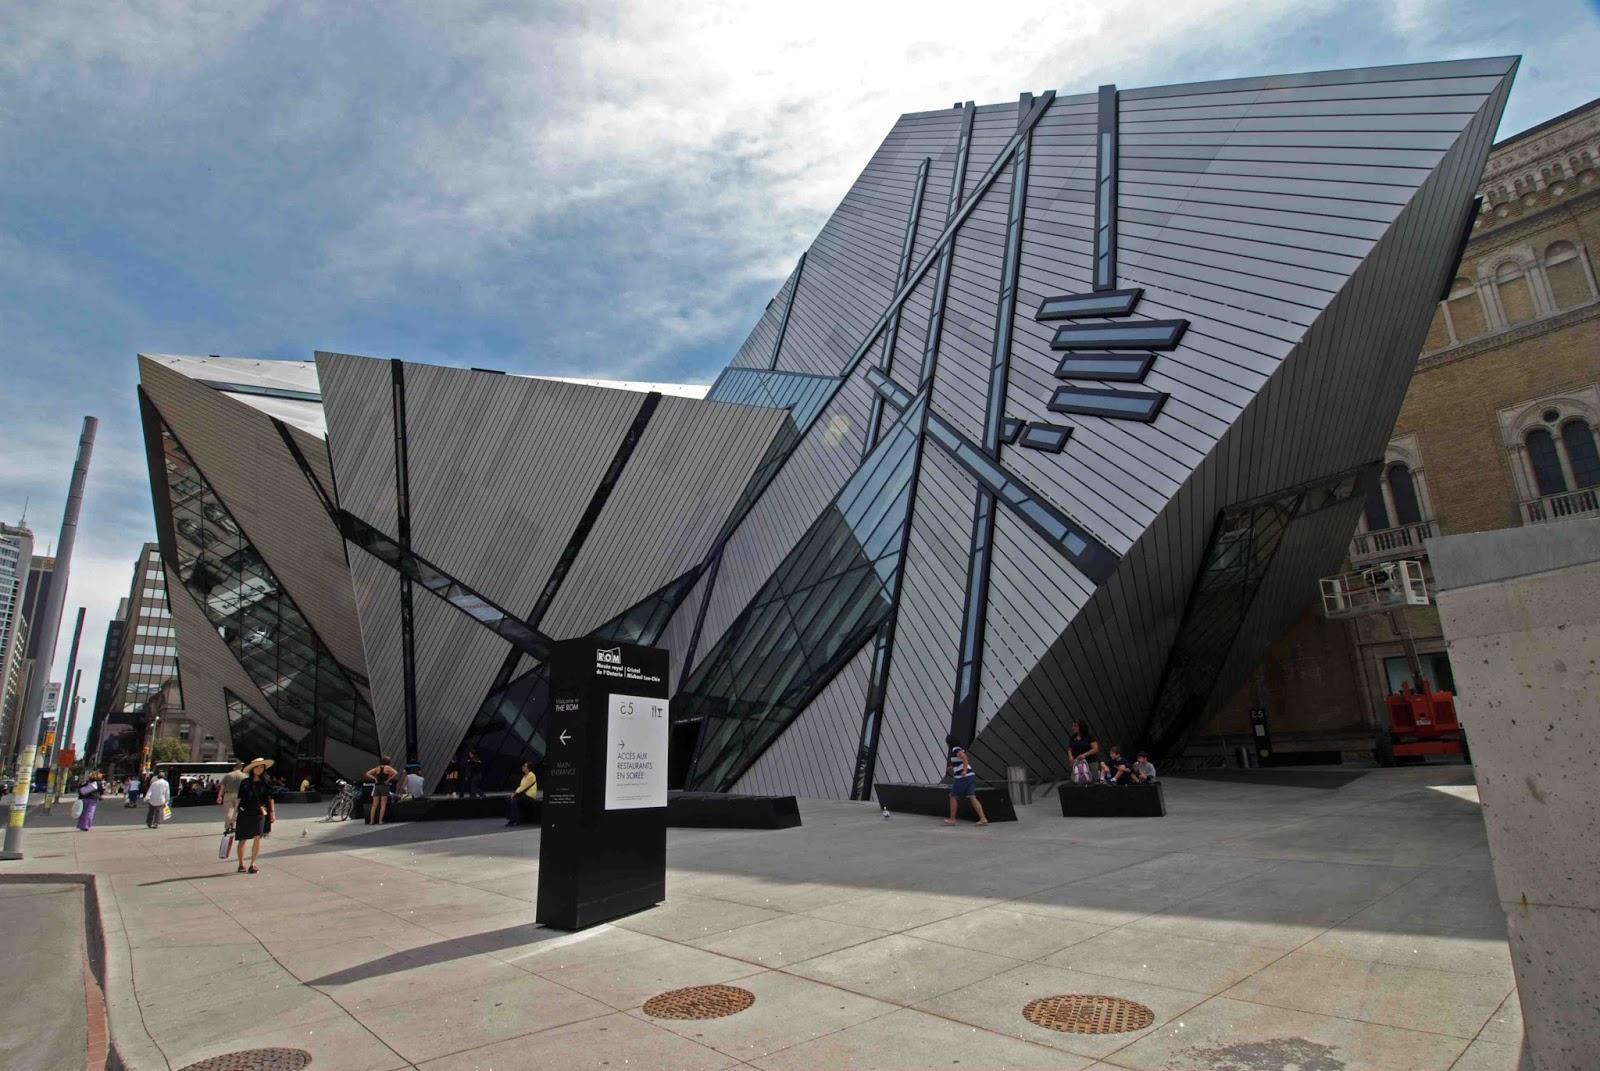 Conheça Museus Para Visitar Em Toronto No Canadá: 5 Museos Que No Te Puedes Perder Si Visitas